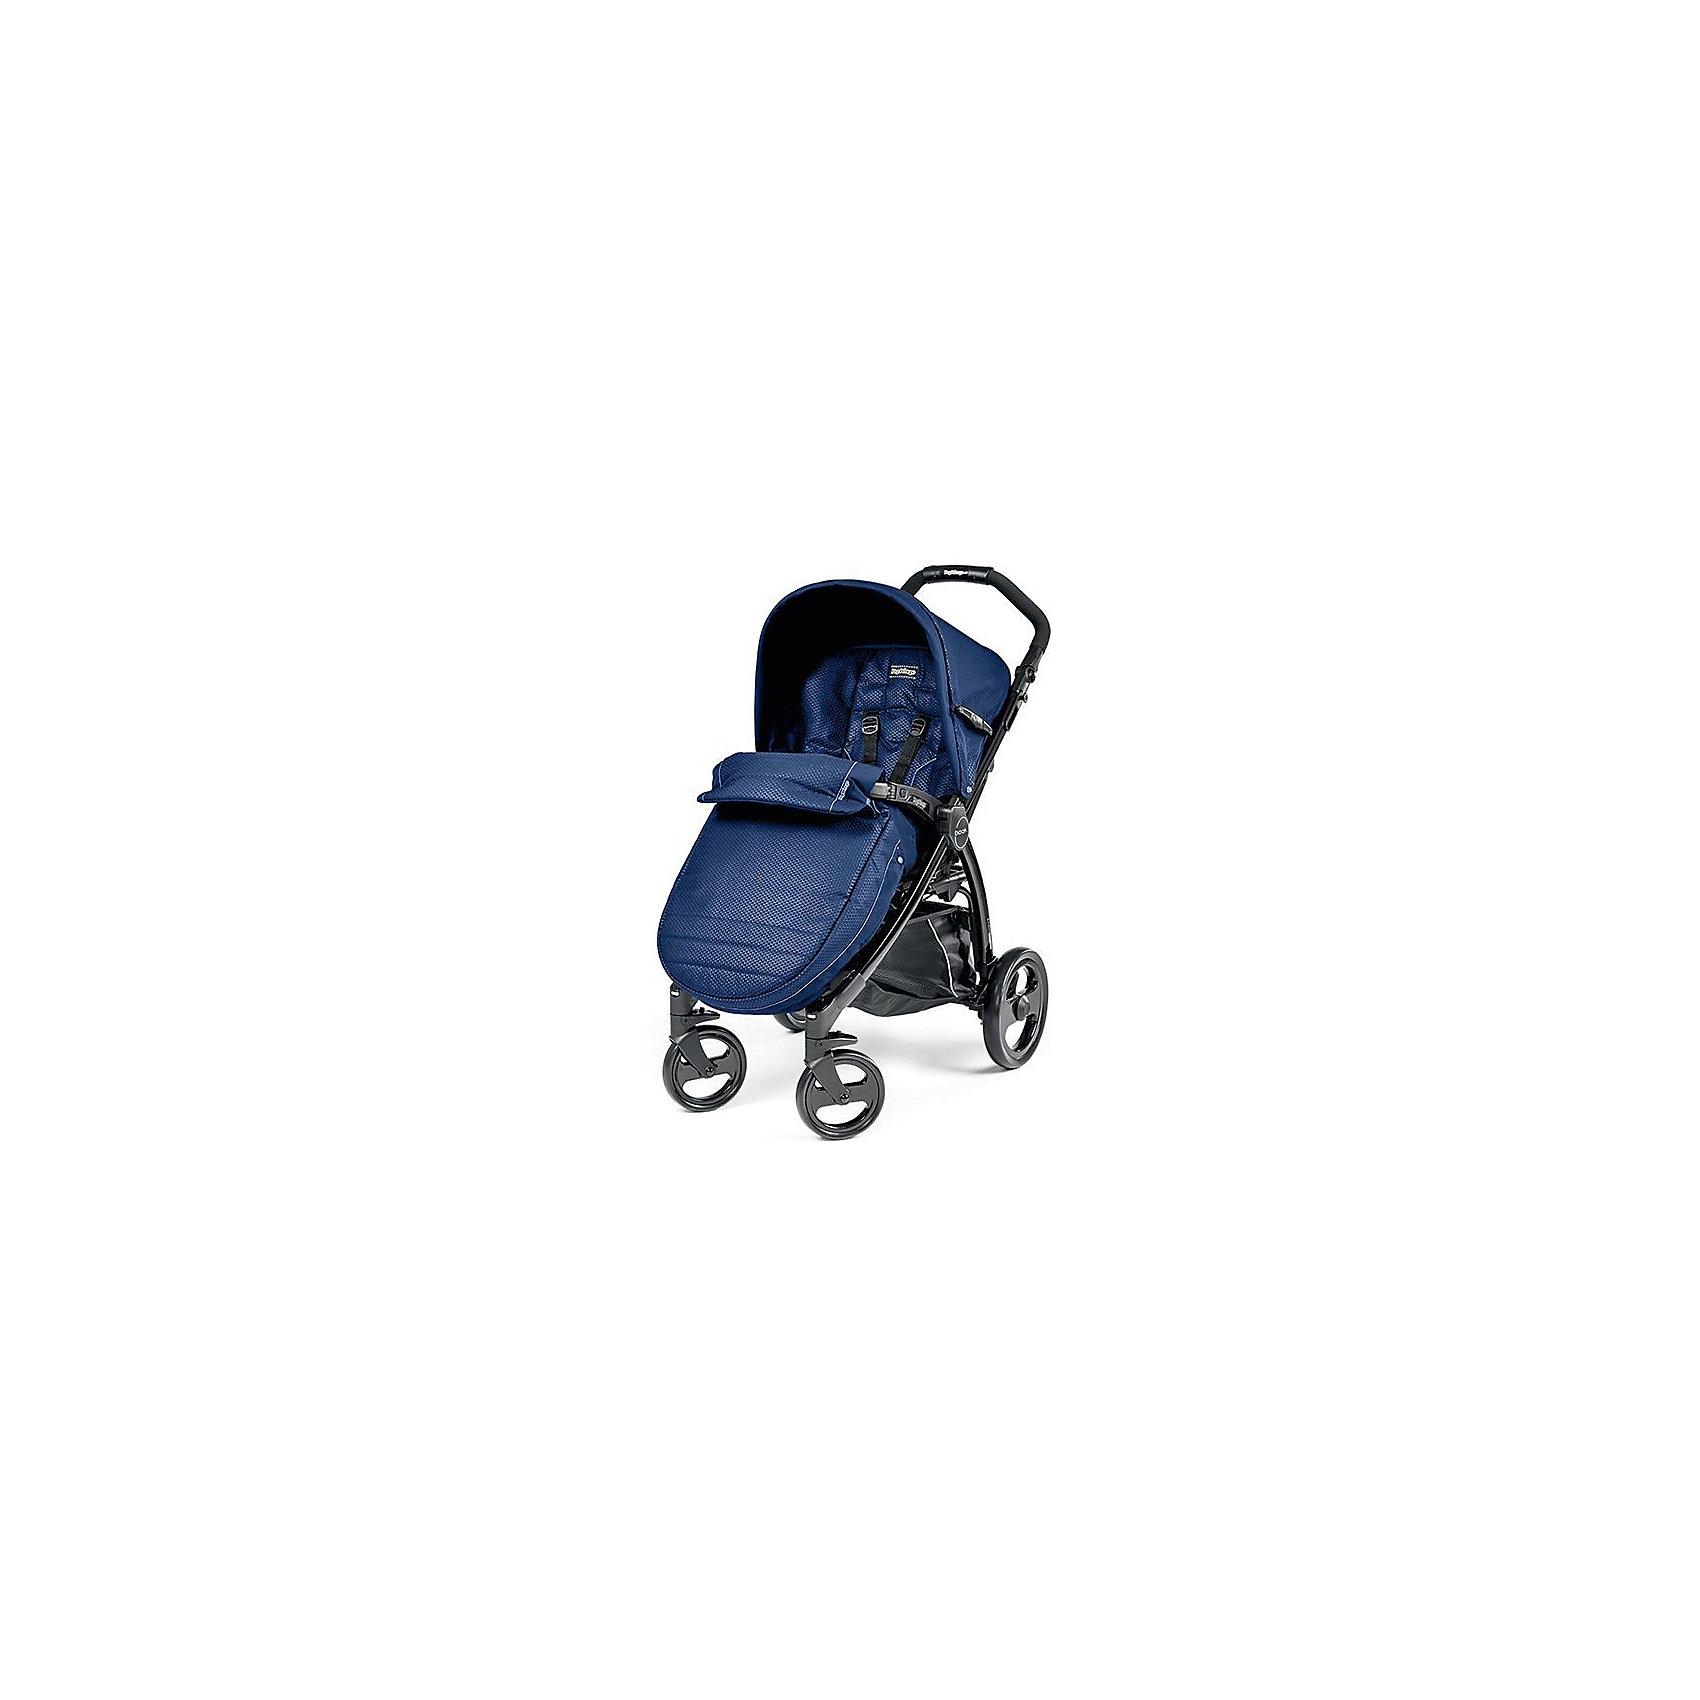 Прогулочная коляска Book Completo, Peg-Perego, Mod Bluette, синийПрогулочная коляска Book Completo (Бук Комплето), Peg-Perego (Пег-Перего) – это стильная и практичная прогулочная коляска, которая понравится родителям, ценящим активный образ жизни. Коляска легко управляется даже одной рукой, благодаря передним поворотным колесам, а большие по диаметру задние колеса обеспечивают хорошую проходимость по бездорожью и снегу. Коляска имеет широкое, длинное и комфортабельное сиденье, а возможность удлинения спального места за счет подножки и регулируемый наклон спинки позволяет малышу комфортно спать и отдыхать во время прогулки. Для детей, которые уже могут самостоятельно сидеть, в комплекте идет теплый чехол на ножки, который согреет малыша в холодную погоду. В такой коляске малышу будет комфортно в любую погоду и в любых дорожных условиях!<br><br>Характеристики:<br>-Тип колес: 4 одинарных ненадувных колеса<br>-Поворотные передние колеса с возможностью фиксации, фиксированные задние колеса<br>-Регулировка эргономичной ручки по высоте<br>-Регулируемая подножка: 2 положения<br>-Регулировка наклона спинки: 4 положения, включая горизонтальное<br>-Для детей до 15 кг<br>-Механизм складывания: книжка<br>-Съемный защитный бампер для защиты от выпадения ребенка<br>-Легкий уход: возможность снять и постирать обивку при температуре до 30 градусов, съемные колеса<br>-Пятиточечные ремни безопасности<br>-Легкая и прочная алюминиевая рама <br>-Малышу будет очень комфортно под капюшоном со встроенной москитной сеткой и прозрачным окошком. Специальная петелька для крепления подвесной игрушки. Легким движением руки Вы можно расстегнуть молнию и превратить капюшон в солнцезащитный тент<br>-Удобный ножной тормоз: одним движением блокируются оба колеса<br>-Удобная система сложения одной рукой: шасси складывается вместе с прогулочным блоком <br>-Прогулочный блок НЕ реверсивный<br><br>Дополнительная информация:<br>Комплектация: шасси, прогулочный блок с капюшоном, дождевик, корзина для покупок